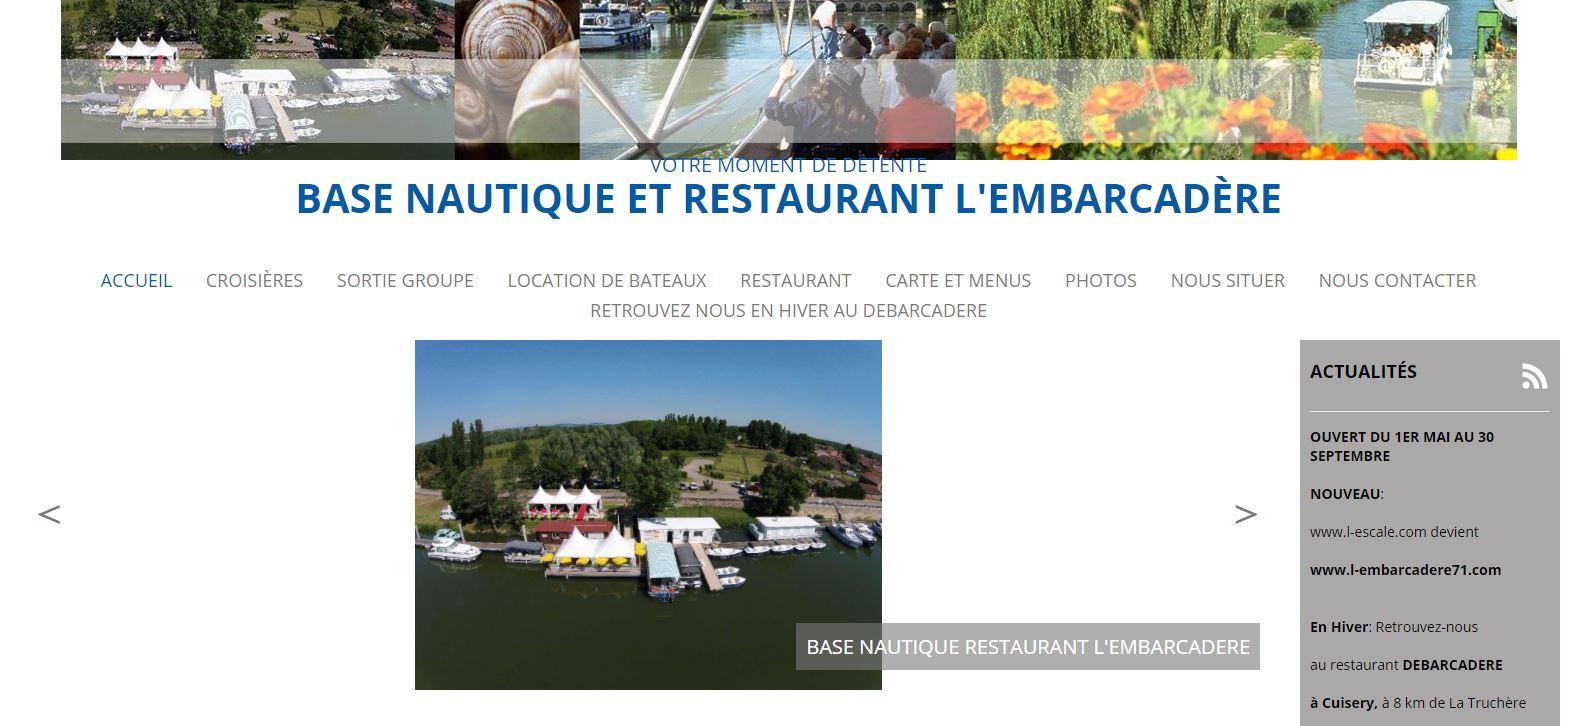 Restaurant L'Embarcadère à La Truchère (seulement en été)